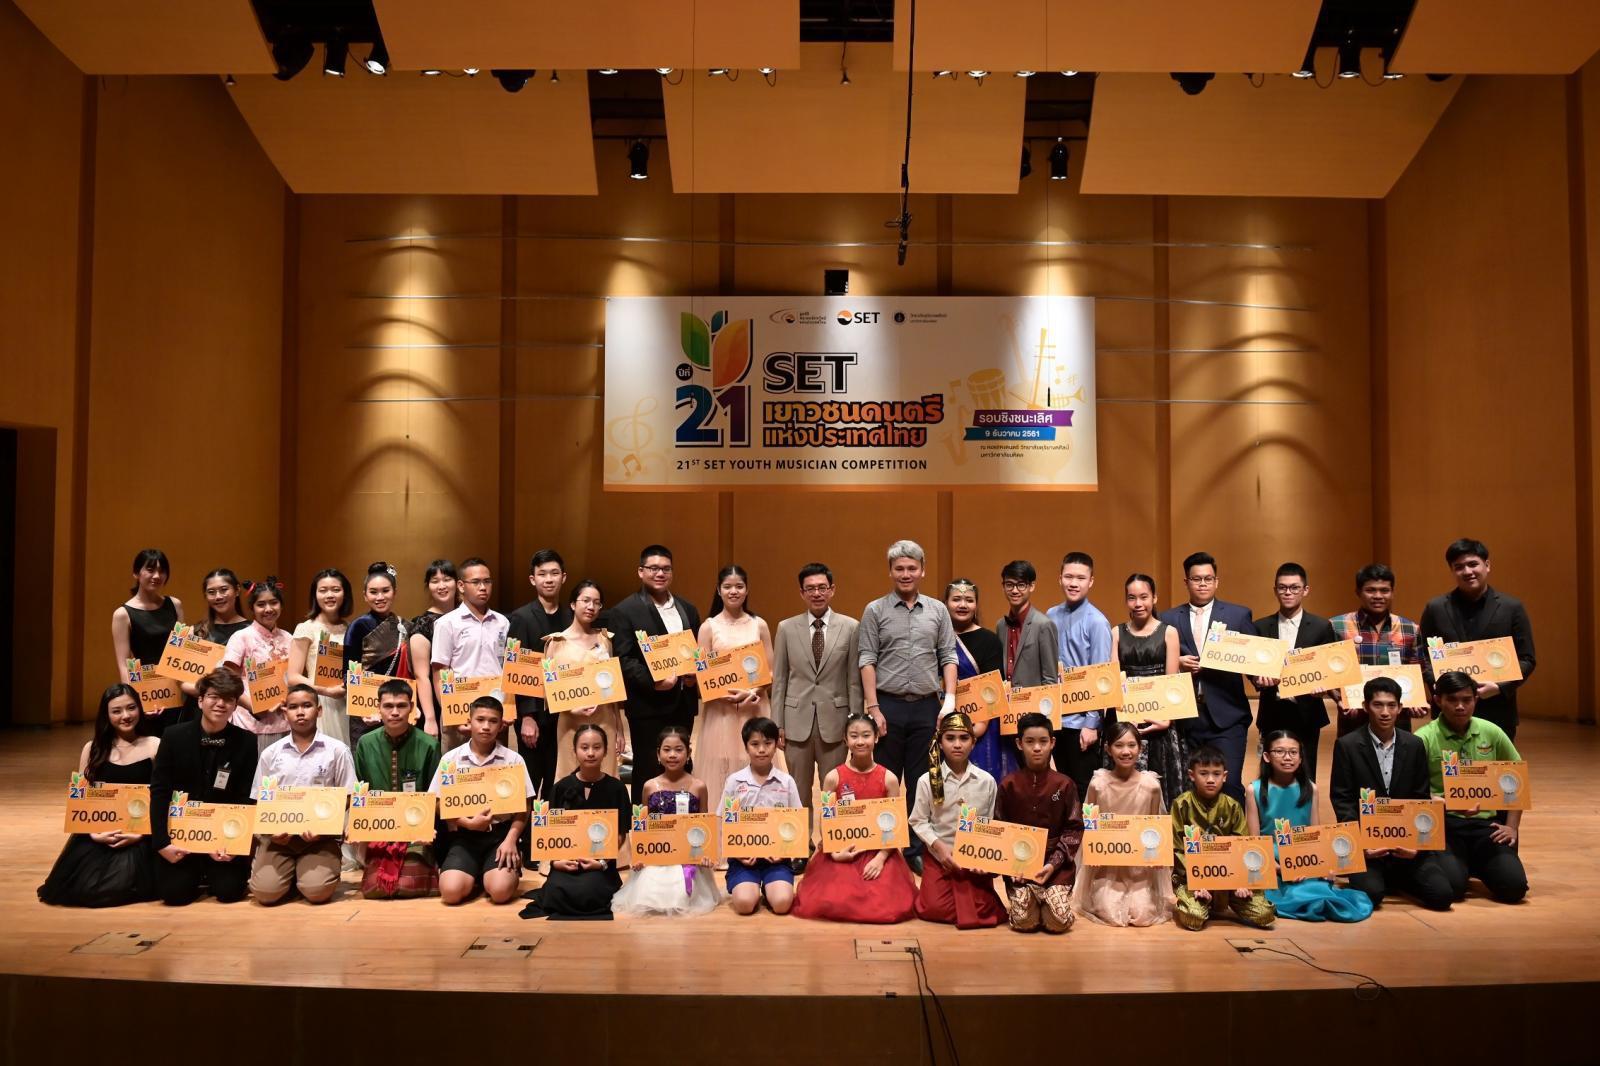 """สุดยอดเยาวชนไทย คว้ารางวัลทุนการศึกษาจาก """"SET เยาวชนดนตรีฯ"""" ครั้งที่ 21"""